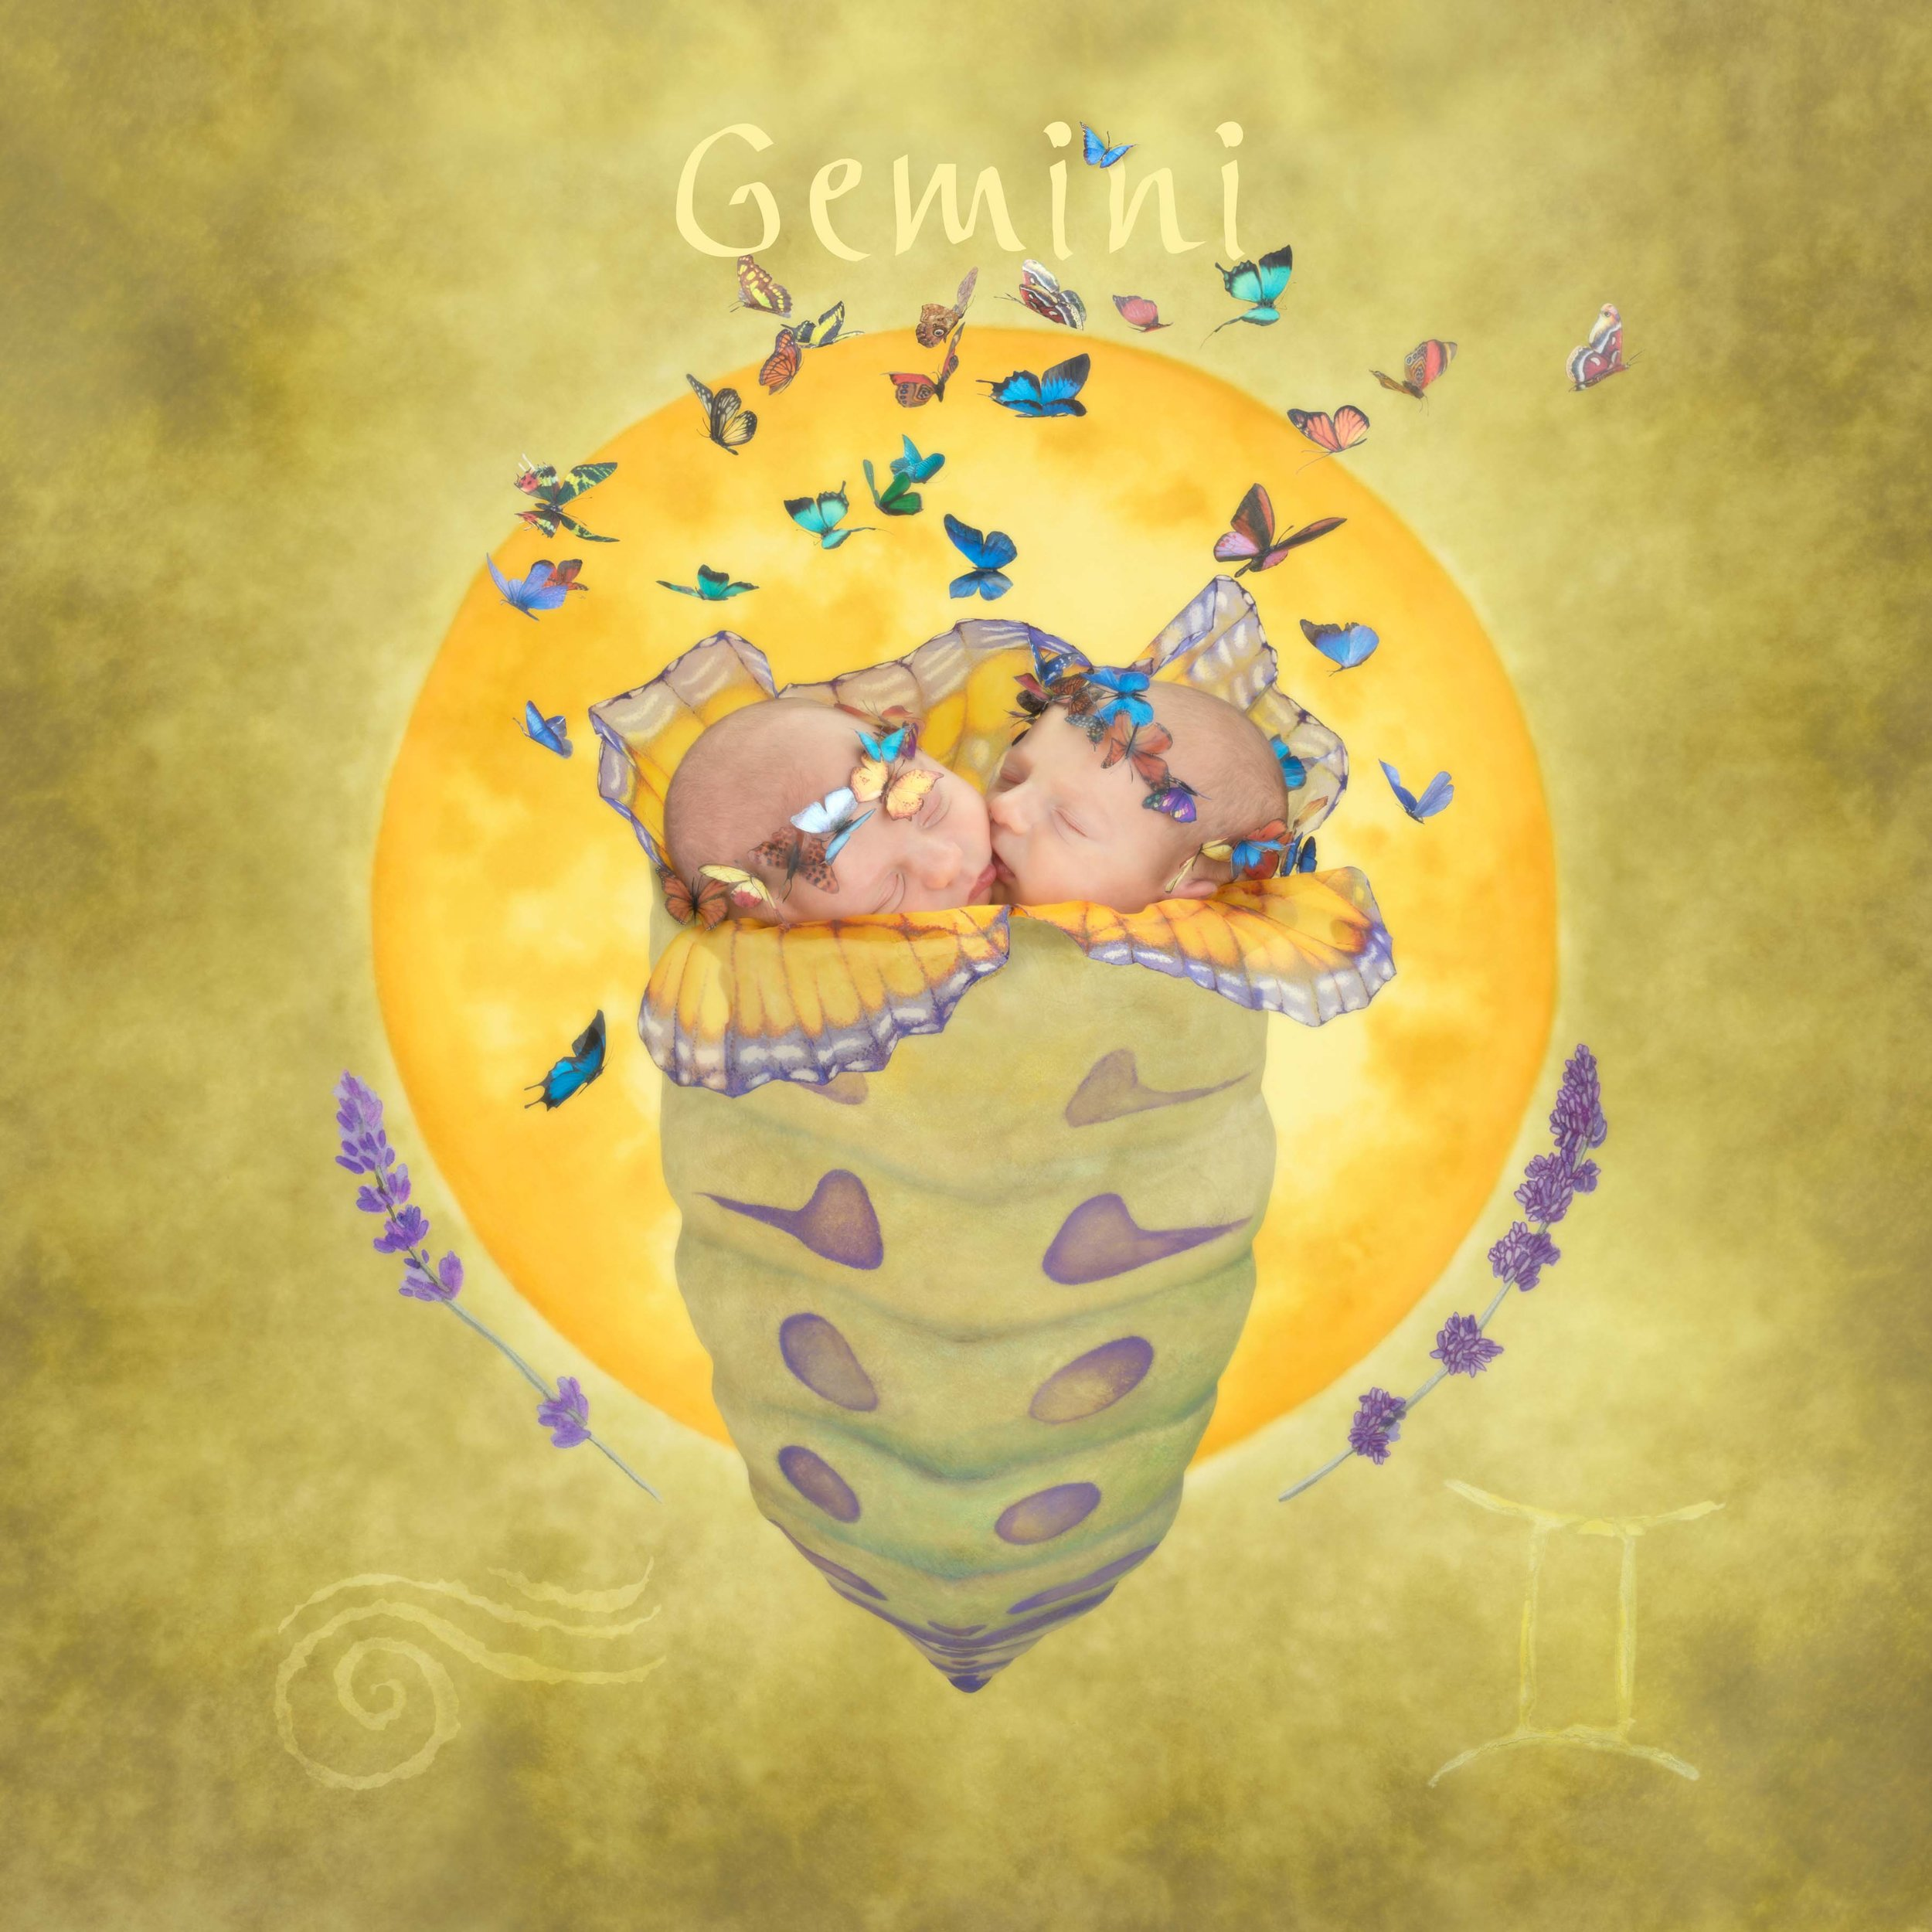 Gemini.jpg